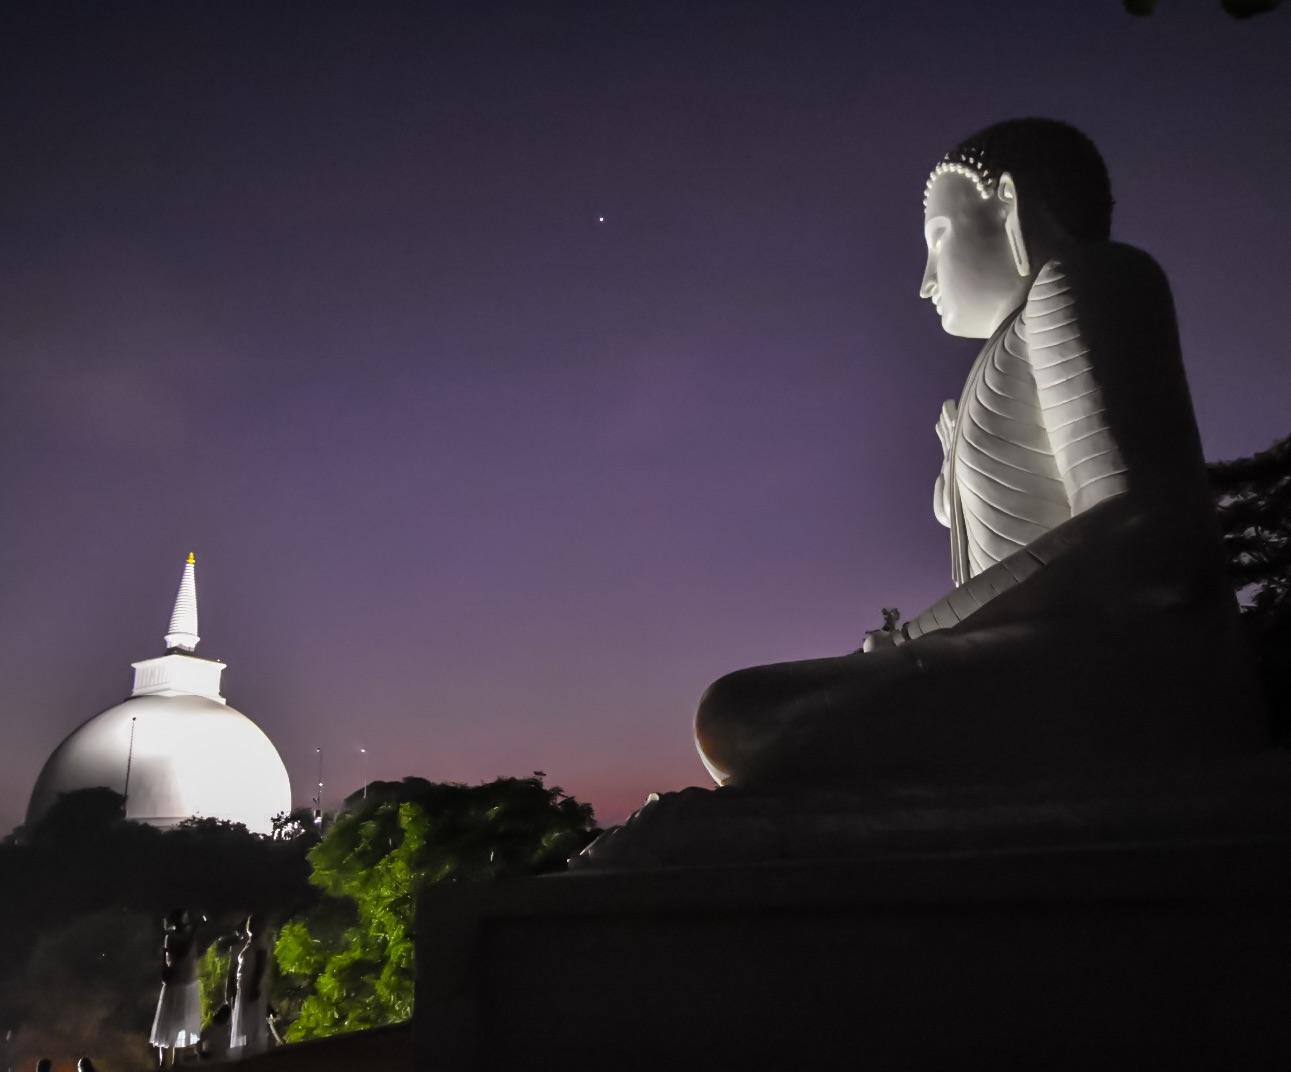 Aussicht auf die Maha Seya Stupa vom großen Buddha in Mihintale bei Nacht